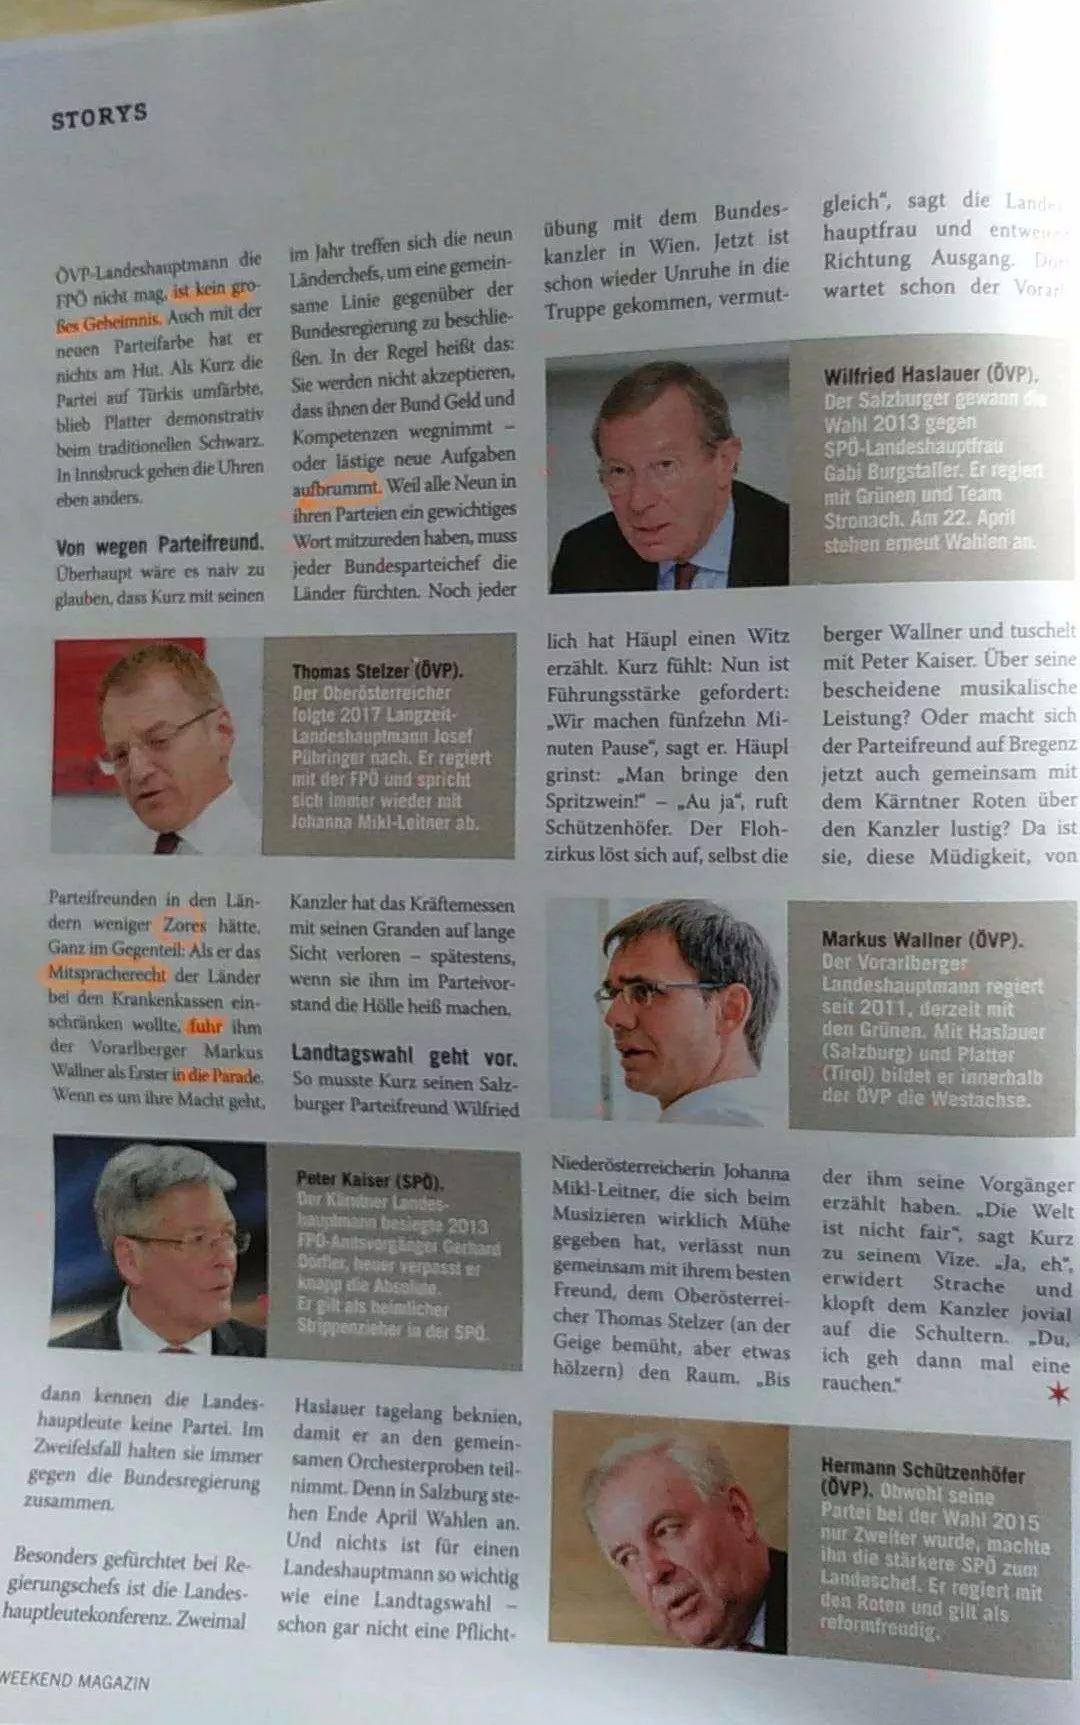 32 岁的奥地利总理和他的封疆大吏们|大象文摘